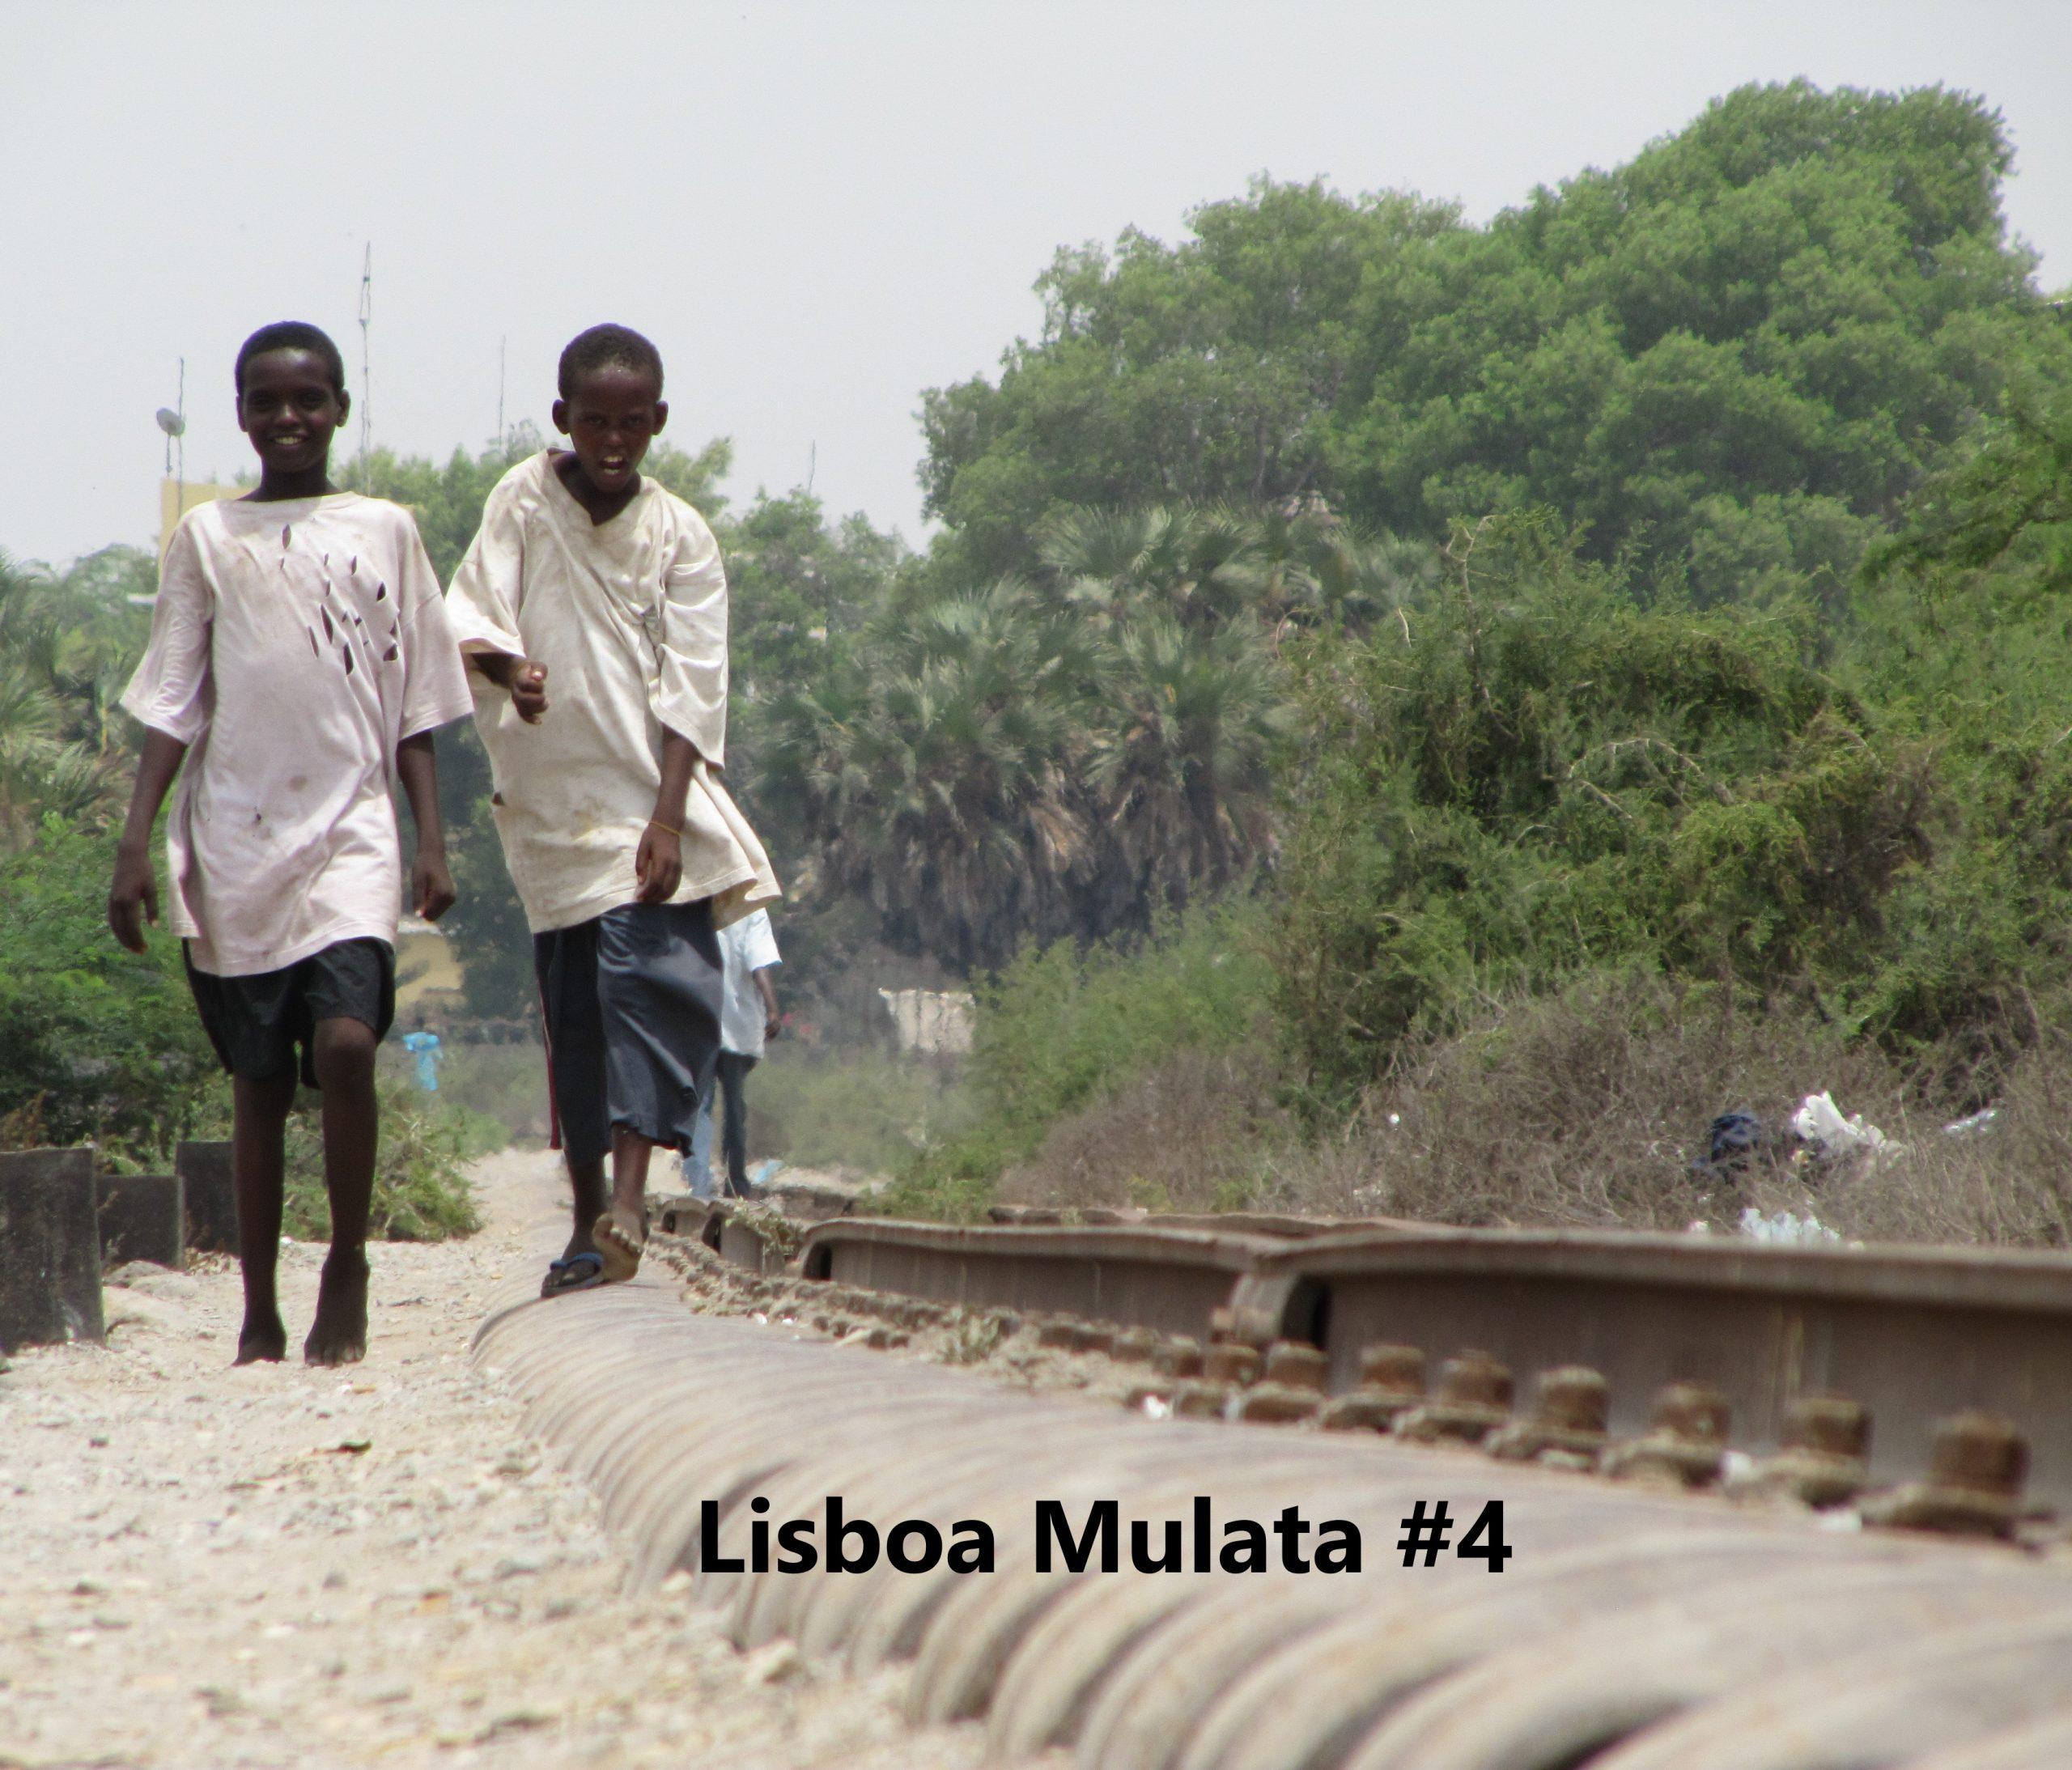 lisboa mulata #04